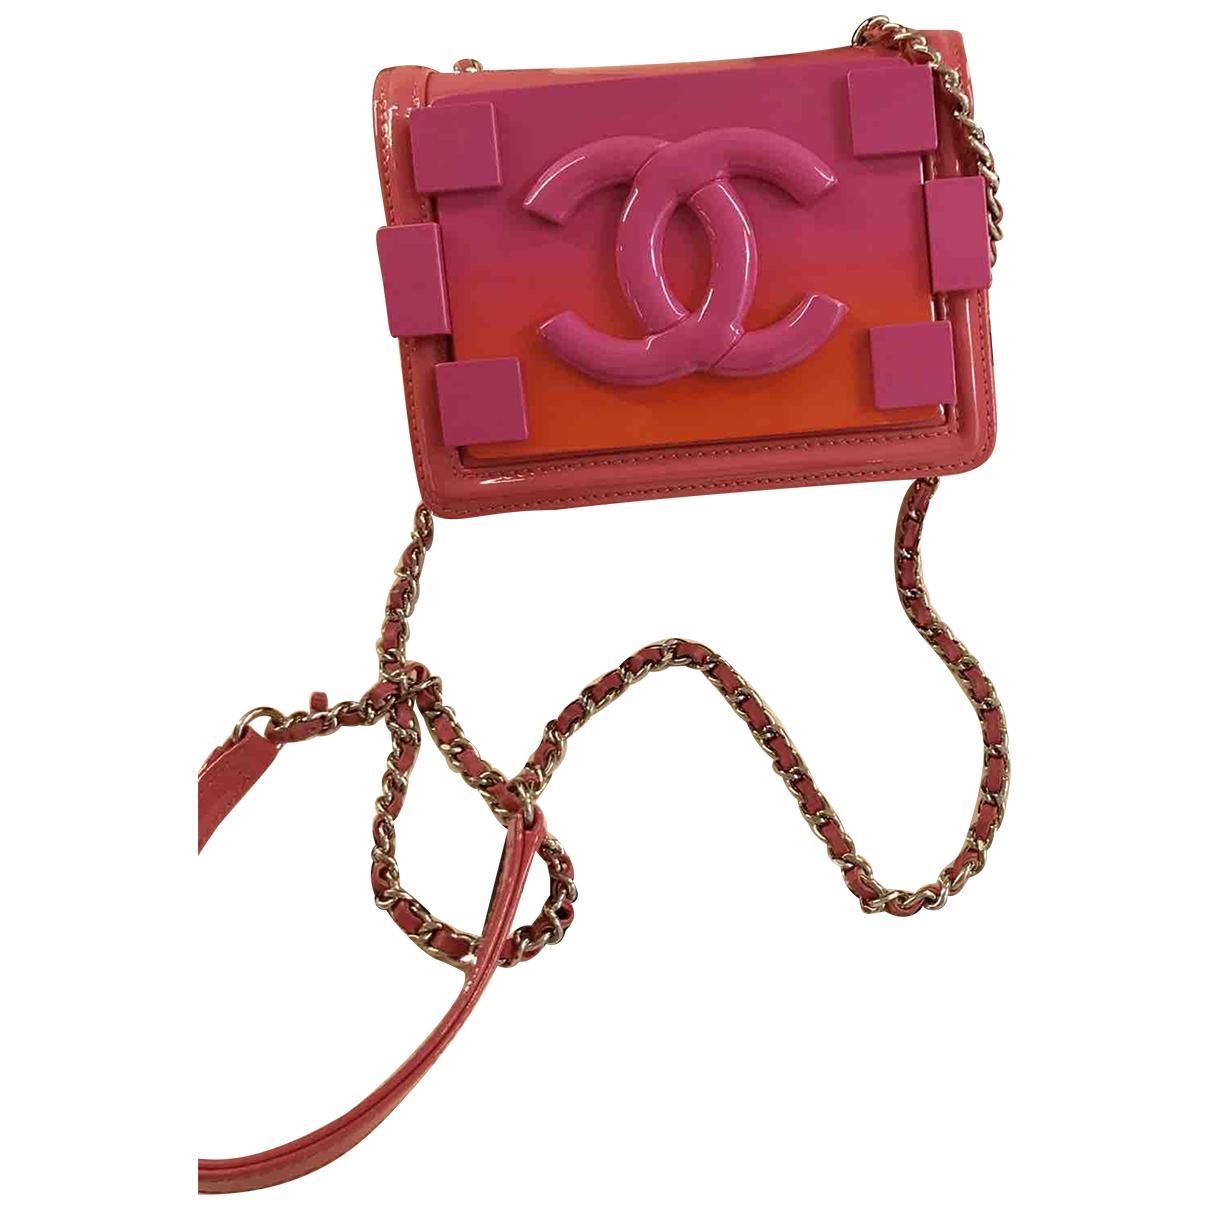 Chanel - Sac a main Lego pour femme en cuir verni - rose